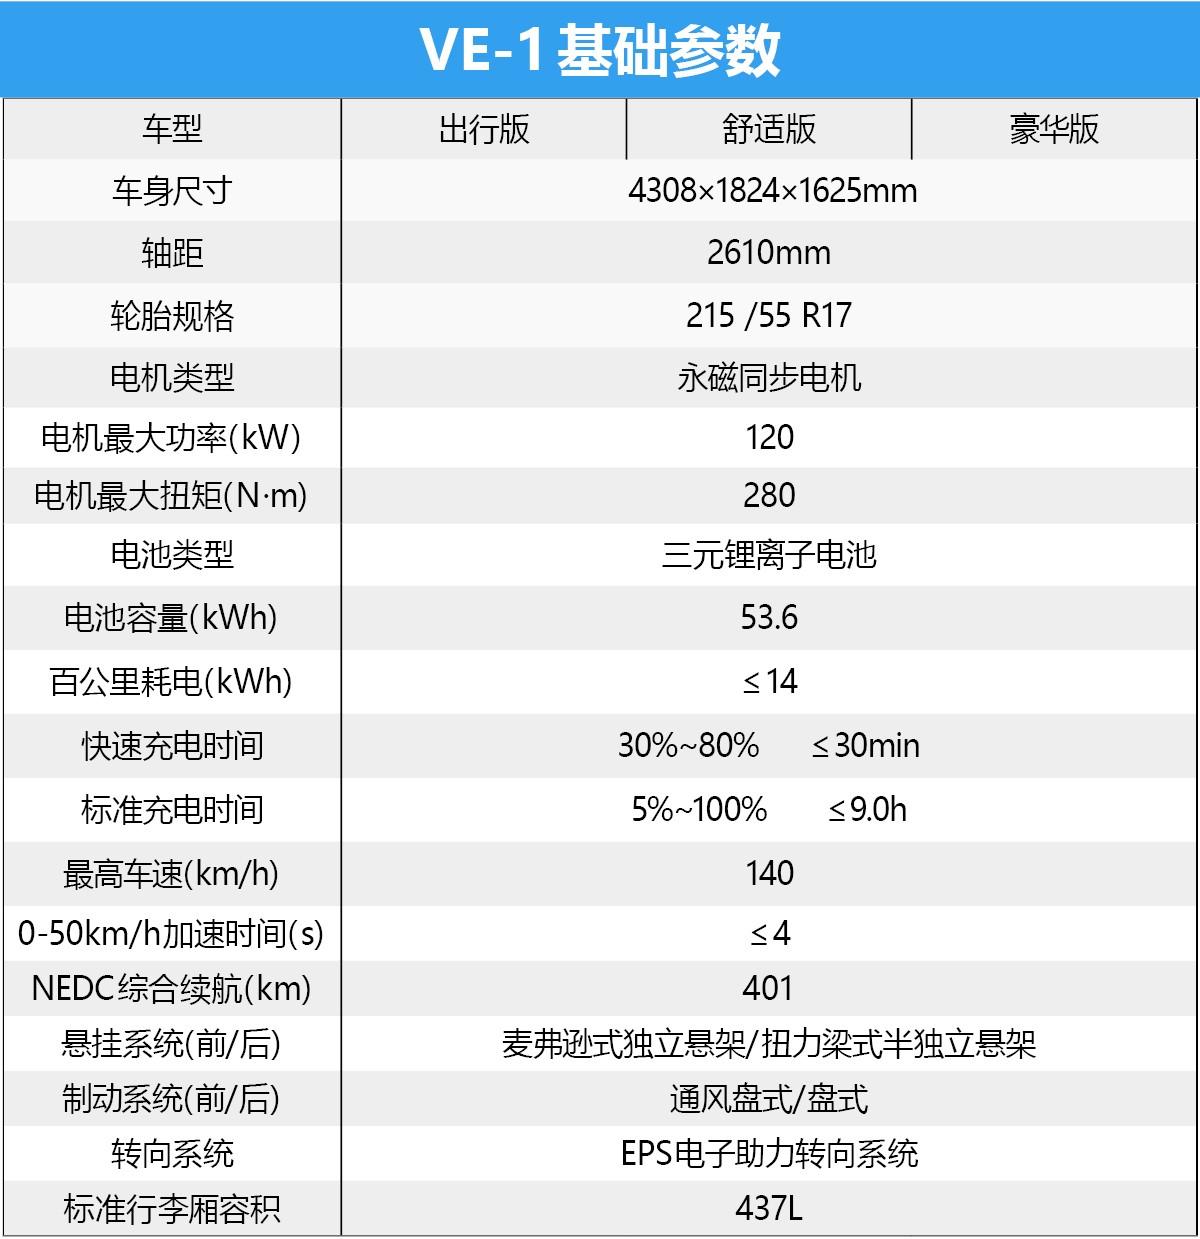 中配性价比最高 广汽本田VE-1购车手册